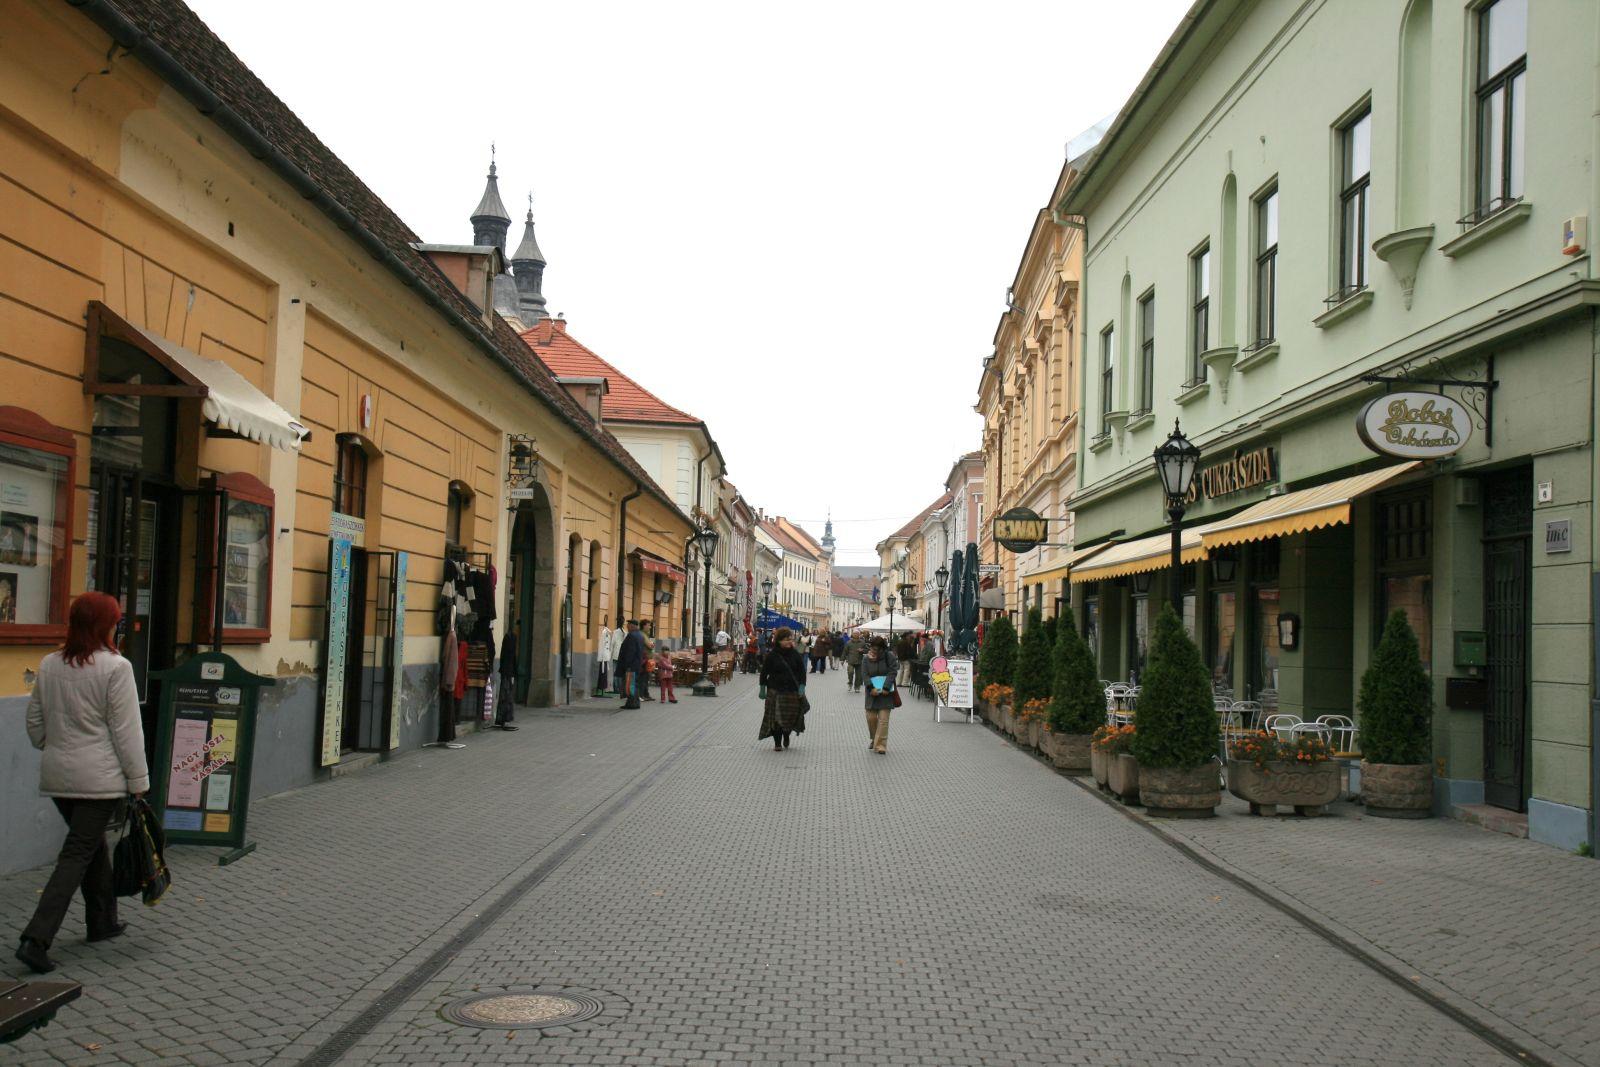 Dal főutca, Széchenyi utca, Eger